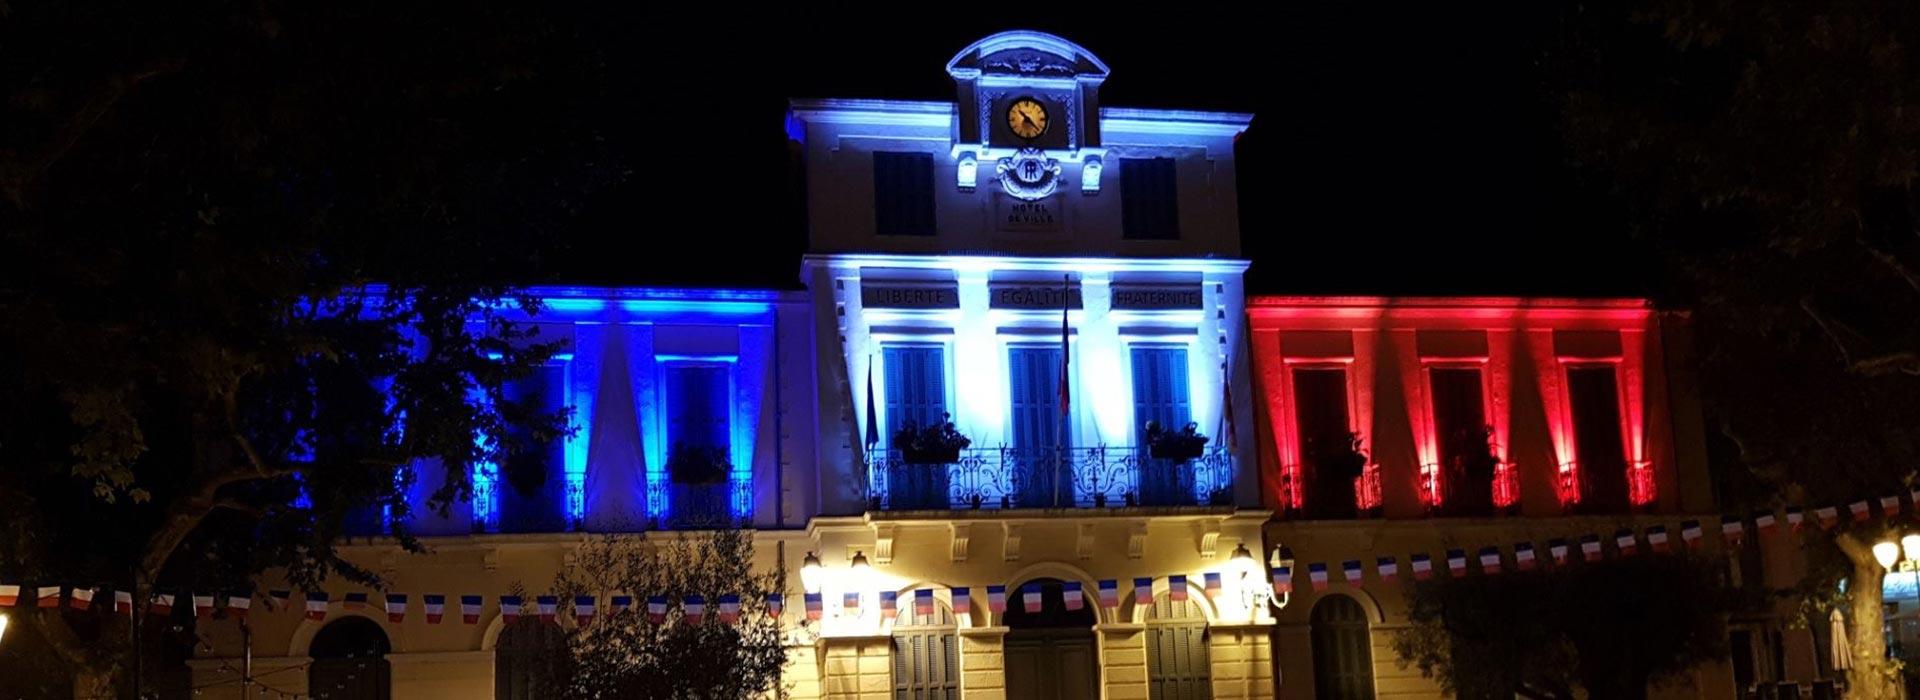 eclairage-facade-projecteur-led-mise-en-lumiere